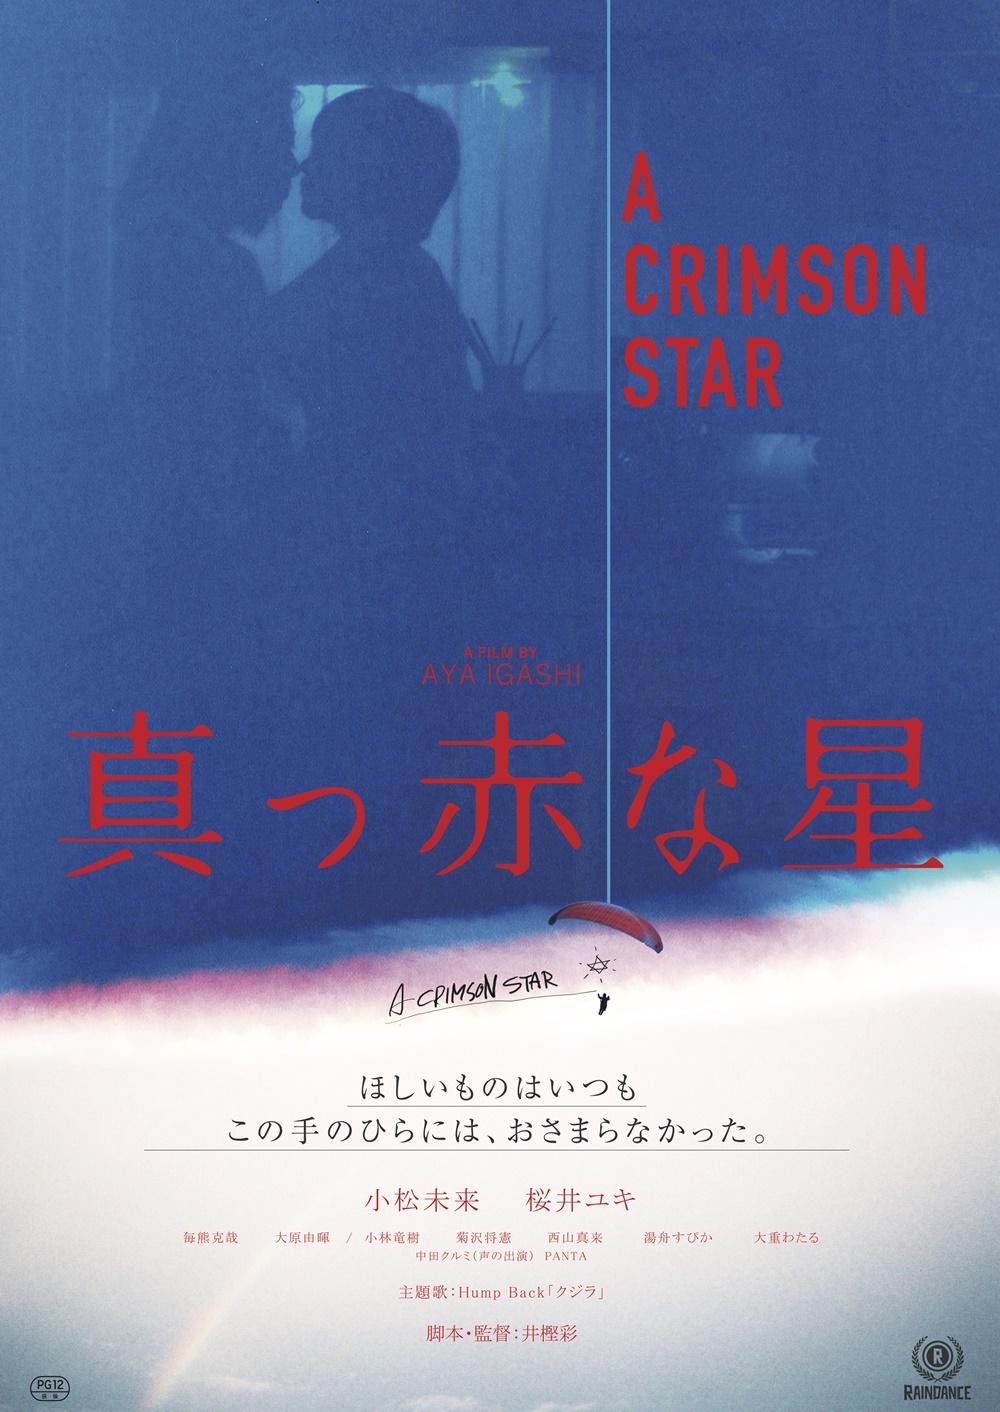 【画像】映画『真っ赤な星』ポスタービジュアル